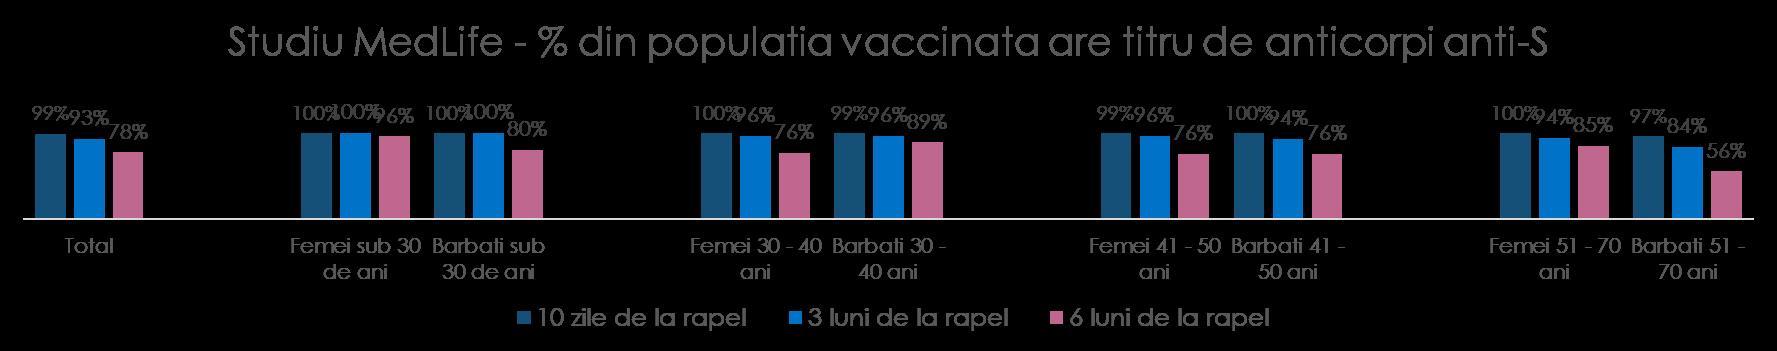 """Studiu MedLife: """"Aproape 80% dintre cei vaccinati prezinta un nivel protectiv de anticorpi in fata formelor grave de COVID-19, chiar si la 6 luni dupa rapel"""